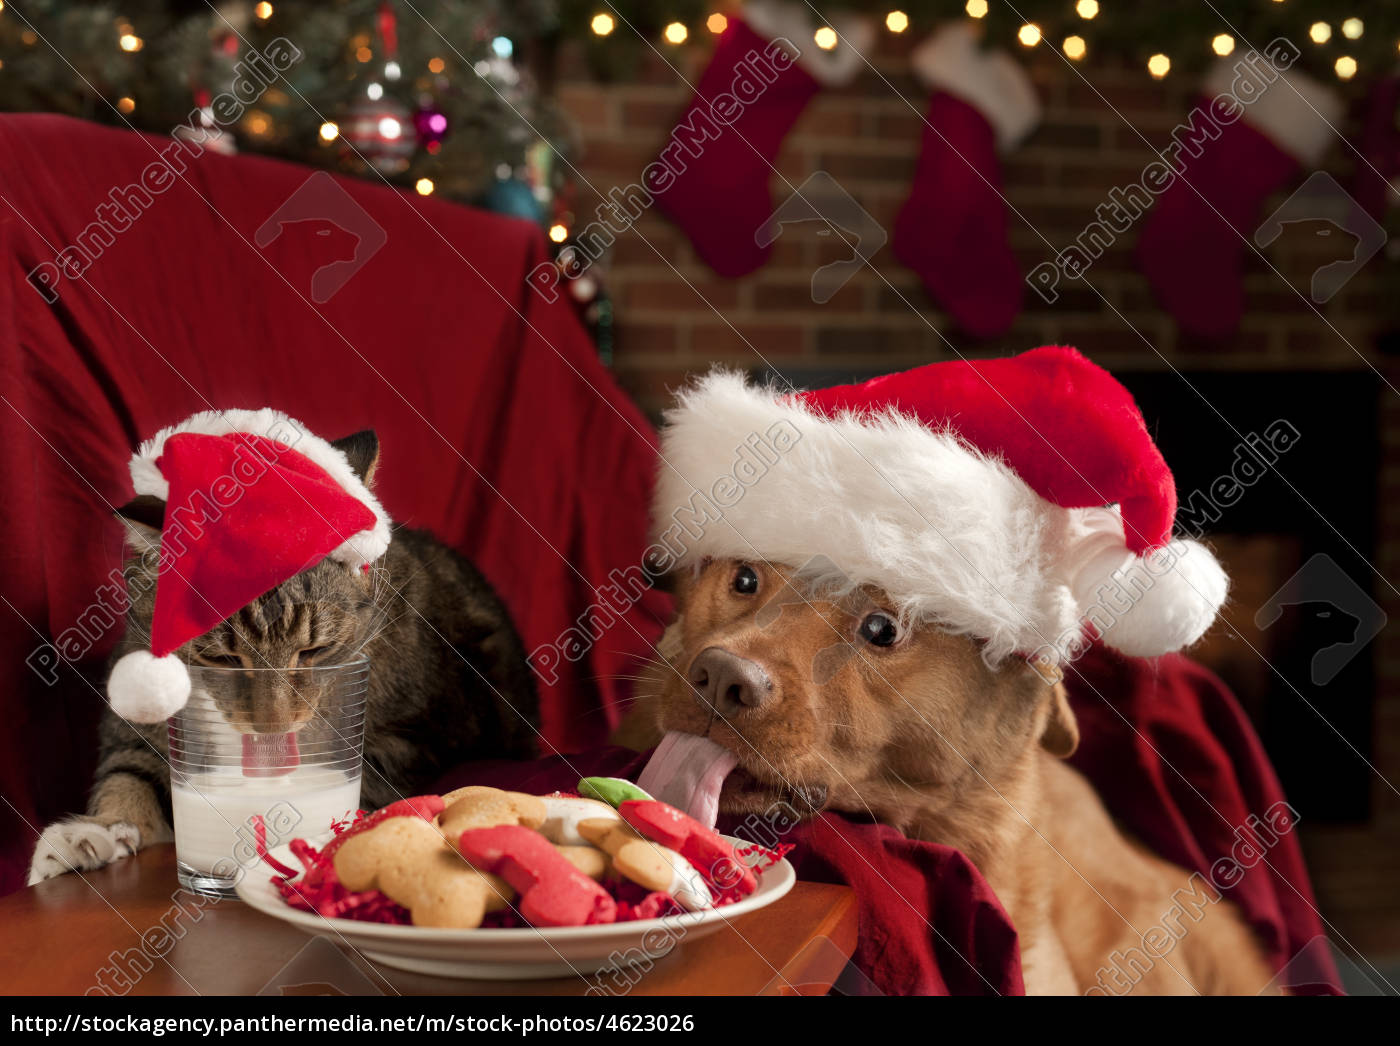 katze und hund essen nikolaus 039 snack stock photo. Black Bedroom Furniture Sets. Home Design Ideas